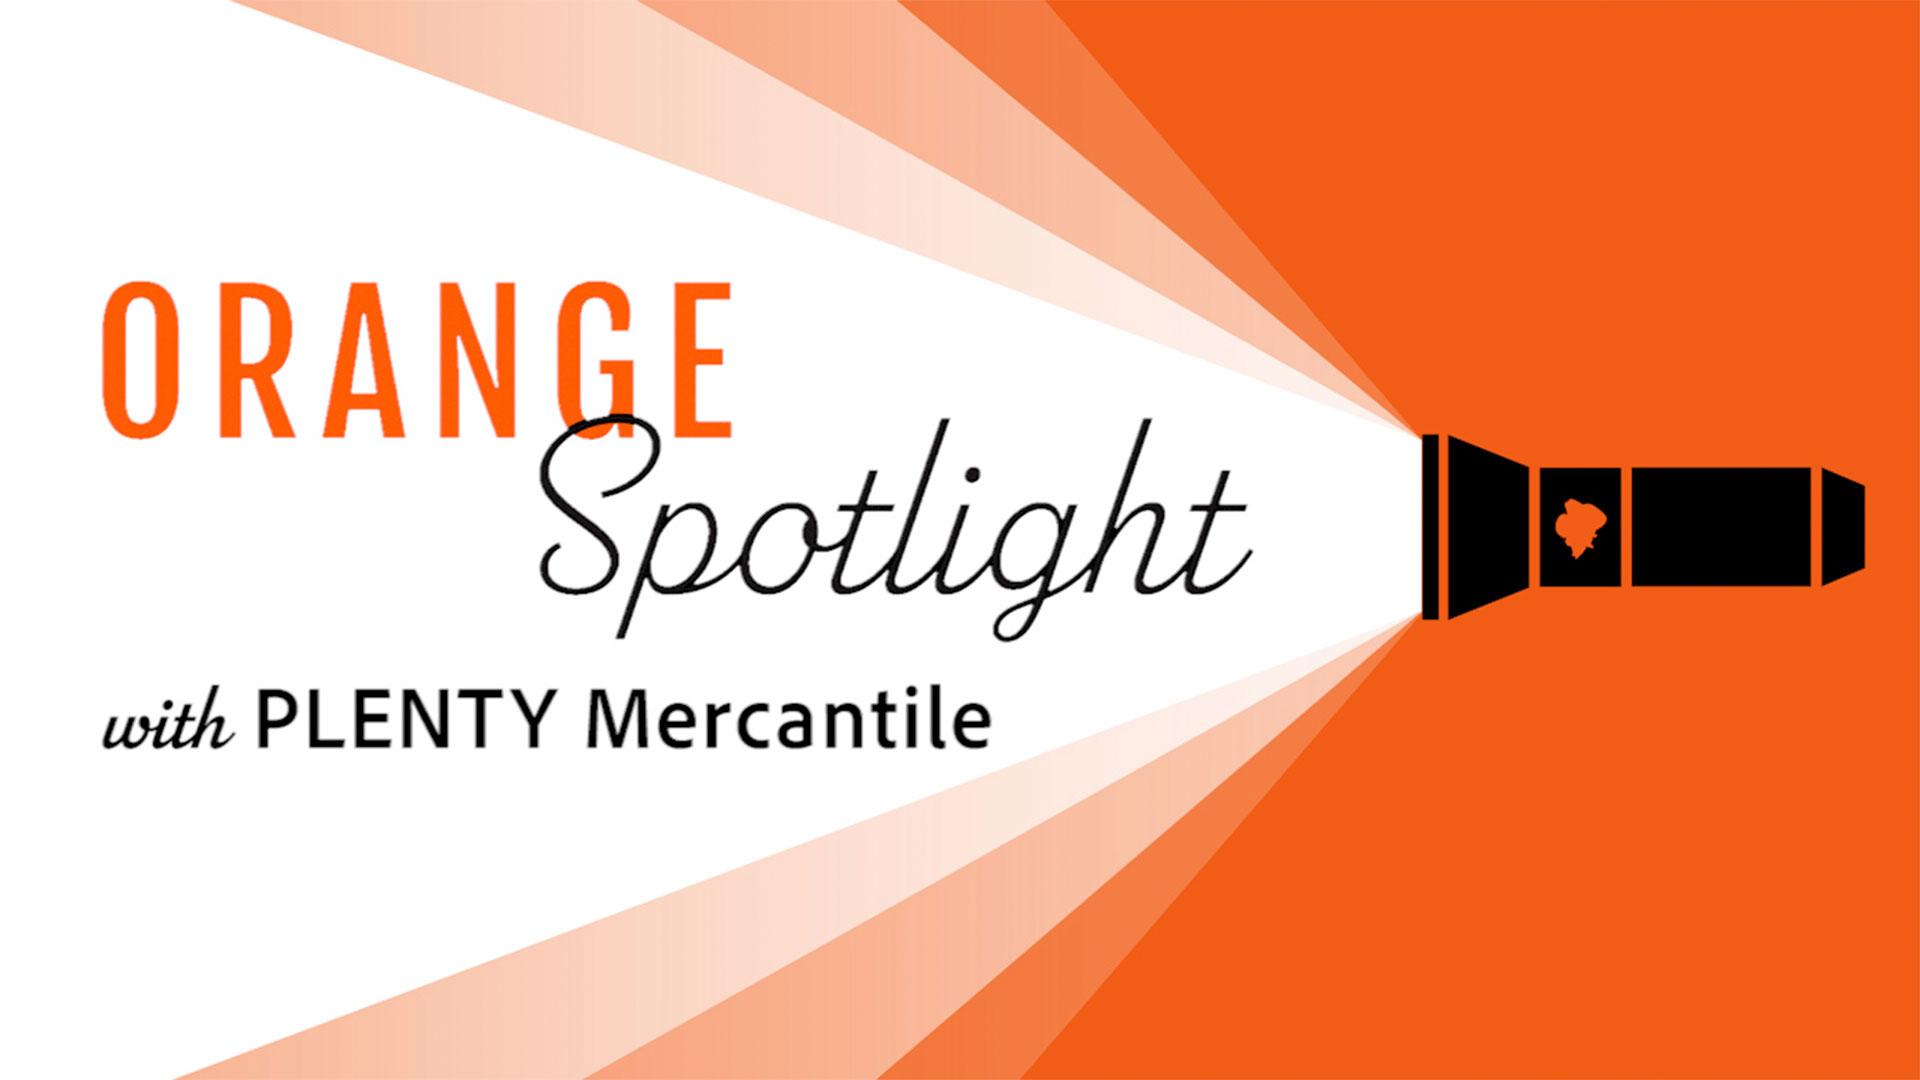 Image for Orange Spotlight: PLENTY Mercantile webinar